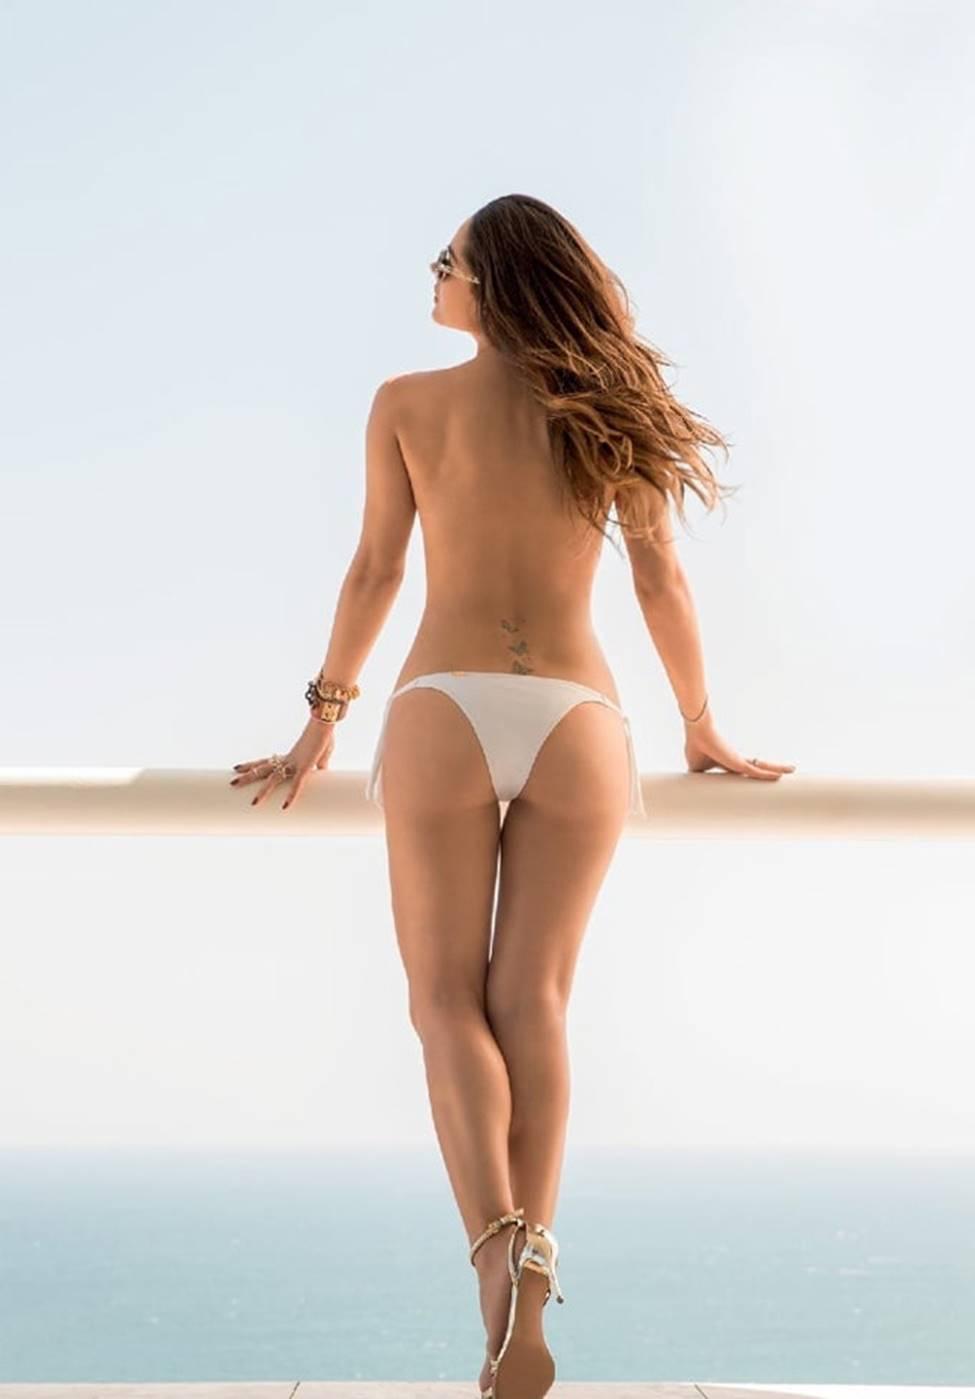 Đường cong được tôn như quốc bảo tại nước có phụ nữ nóng bỏng nhất thế giới-7